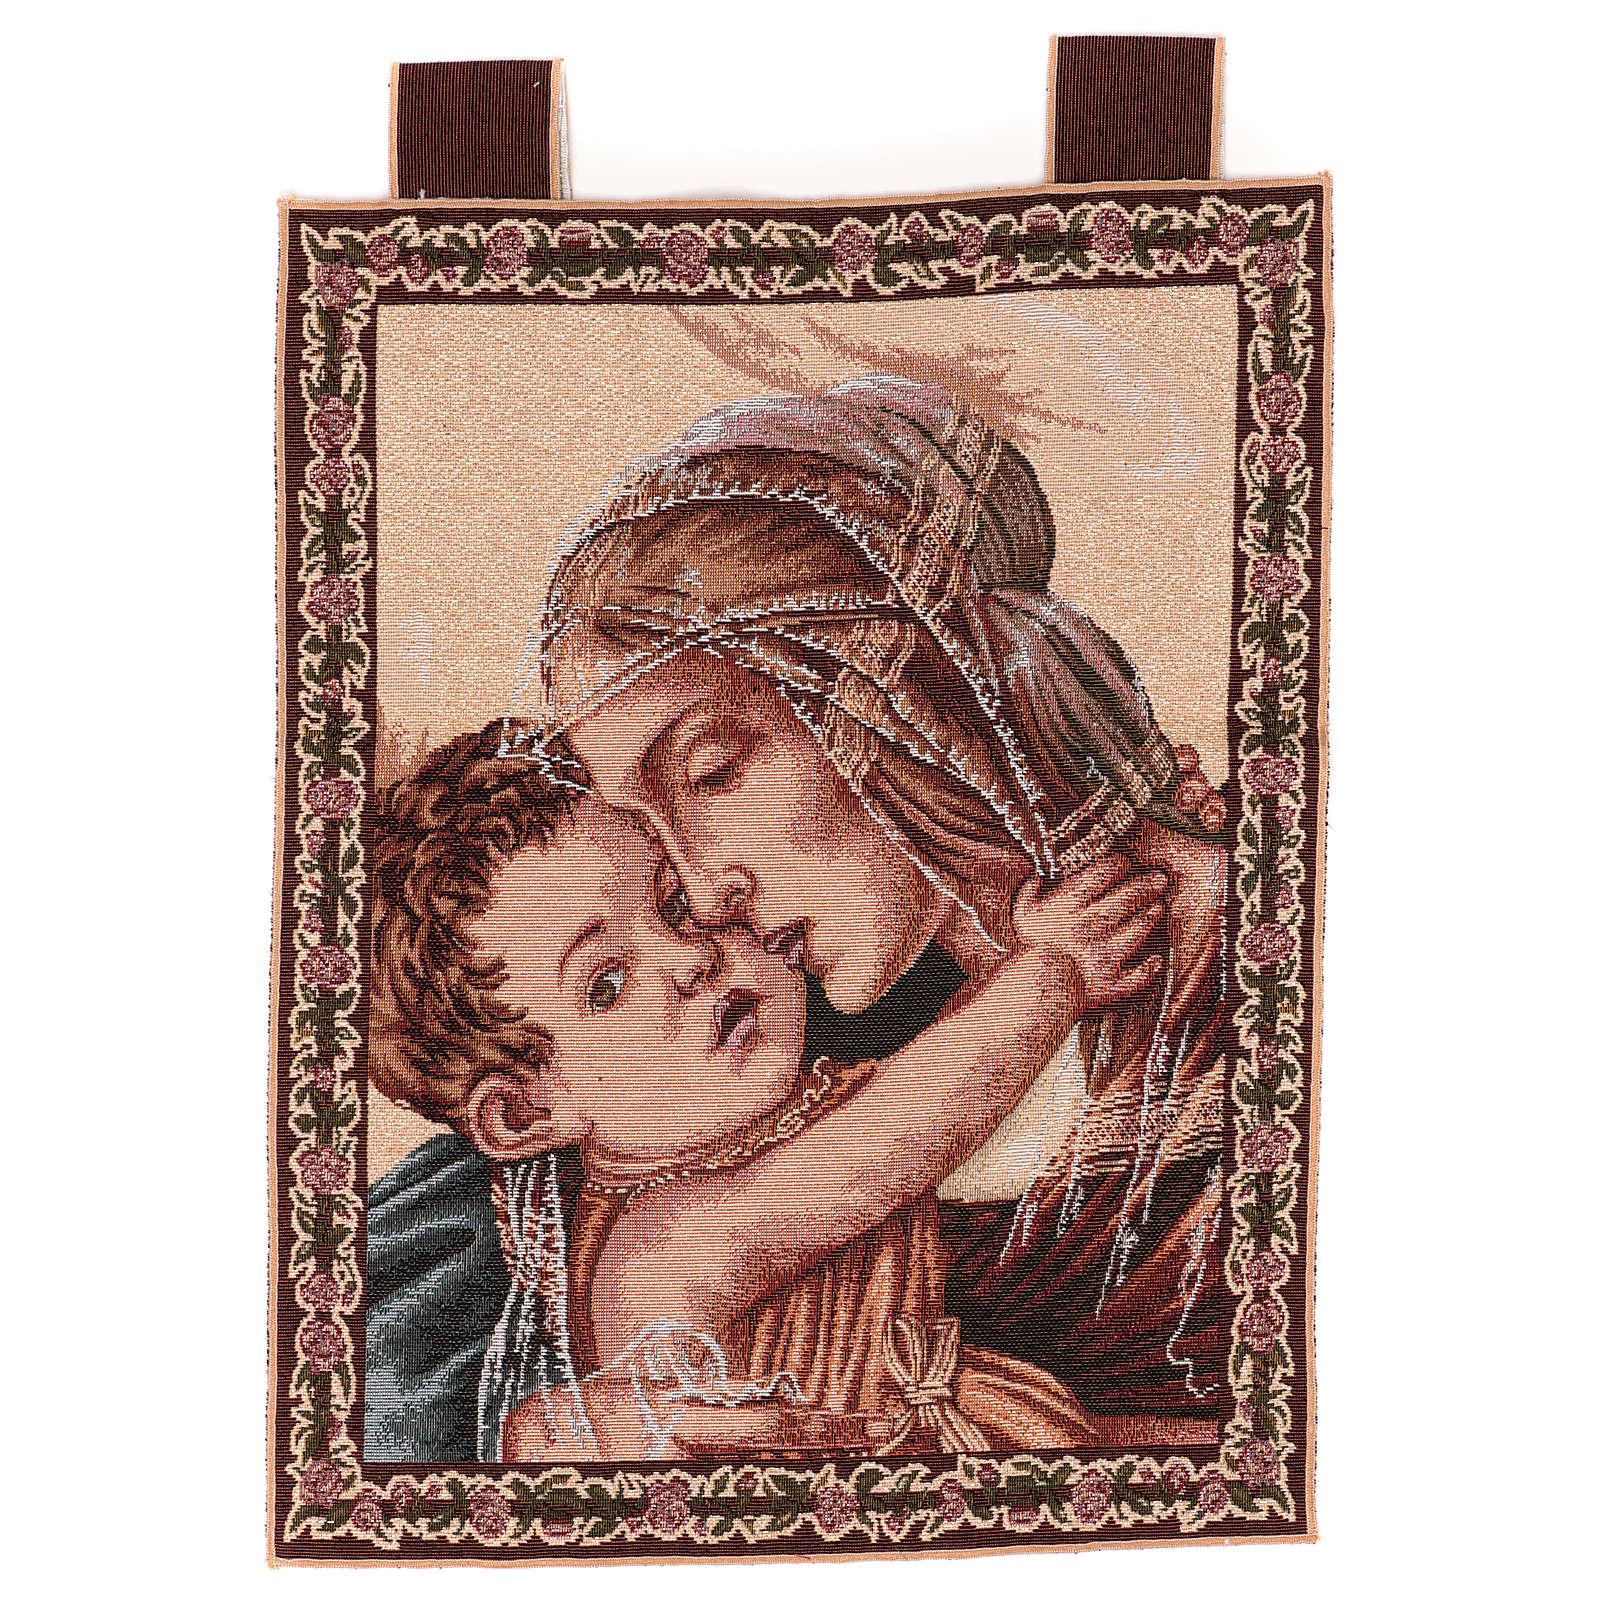 Arazzo Madonna con Bambino di Botticelli 50x40 cm 3